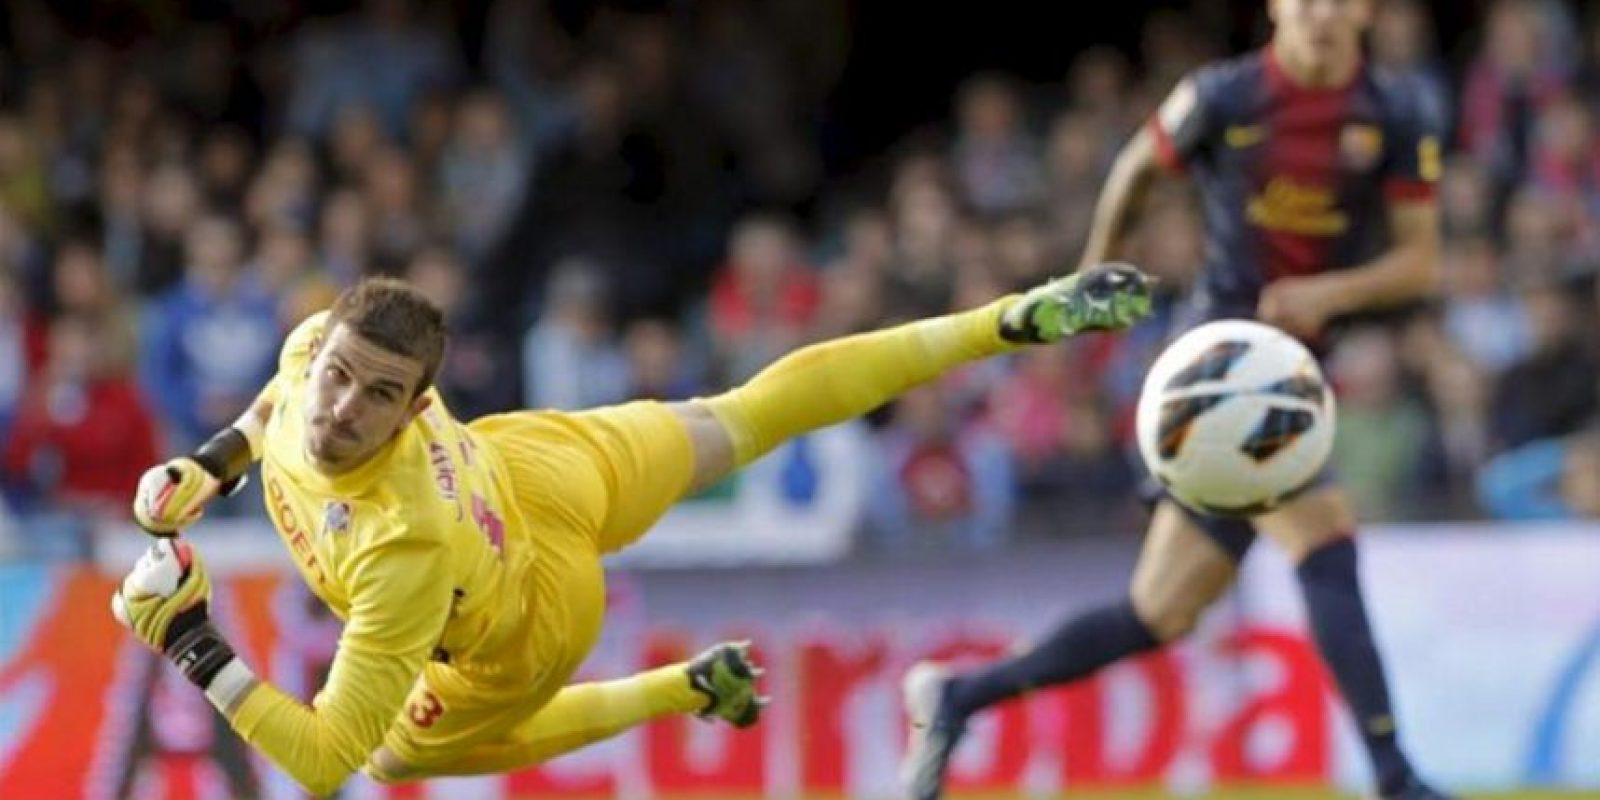 El portero del Celta Javi Varas observa el balón entrar en la portería en la jugada del gol marcado por el delantero del Barcelona Cristian Tello, durante el partido de la jornada vigésimo novena de la Liga de Primera División que se disputó en el estadio Balaídos de Vigo. EFE